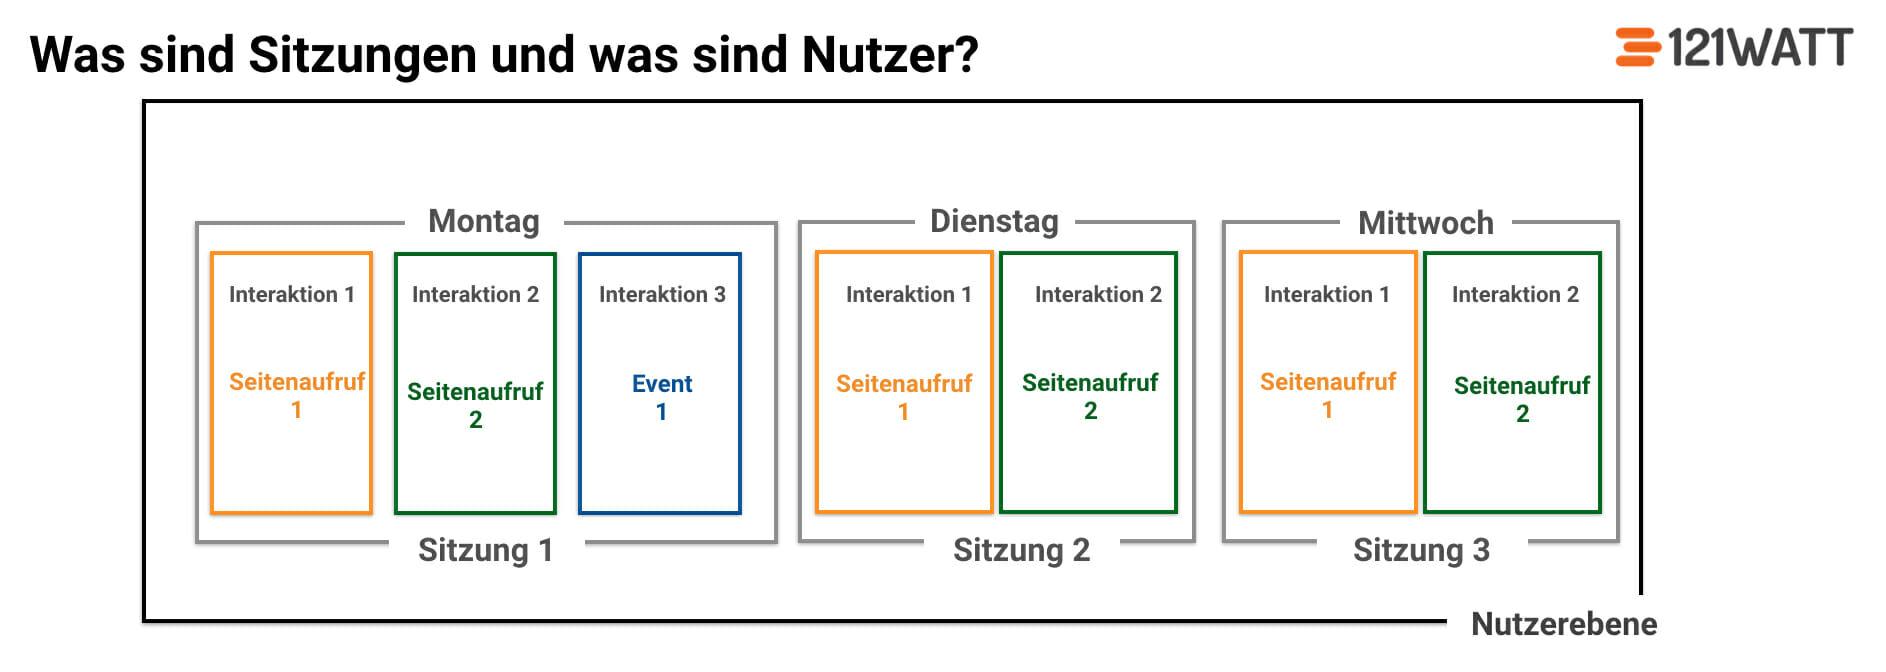 Definition: Zwischen Sitzungen und Nutzer in Google Analytics